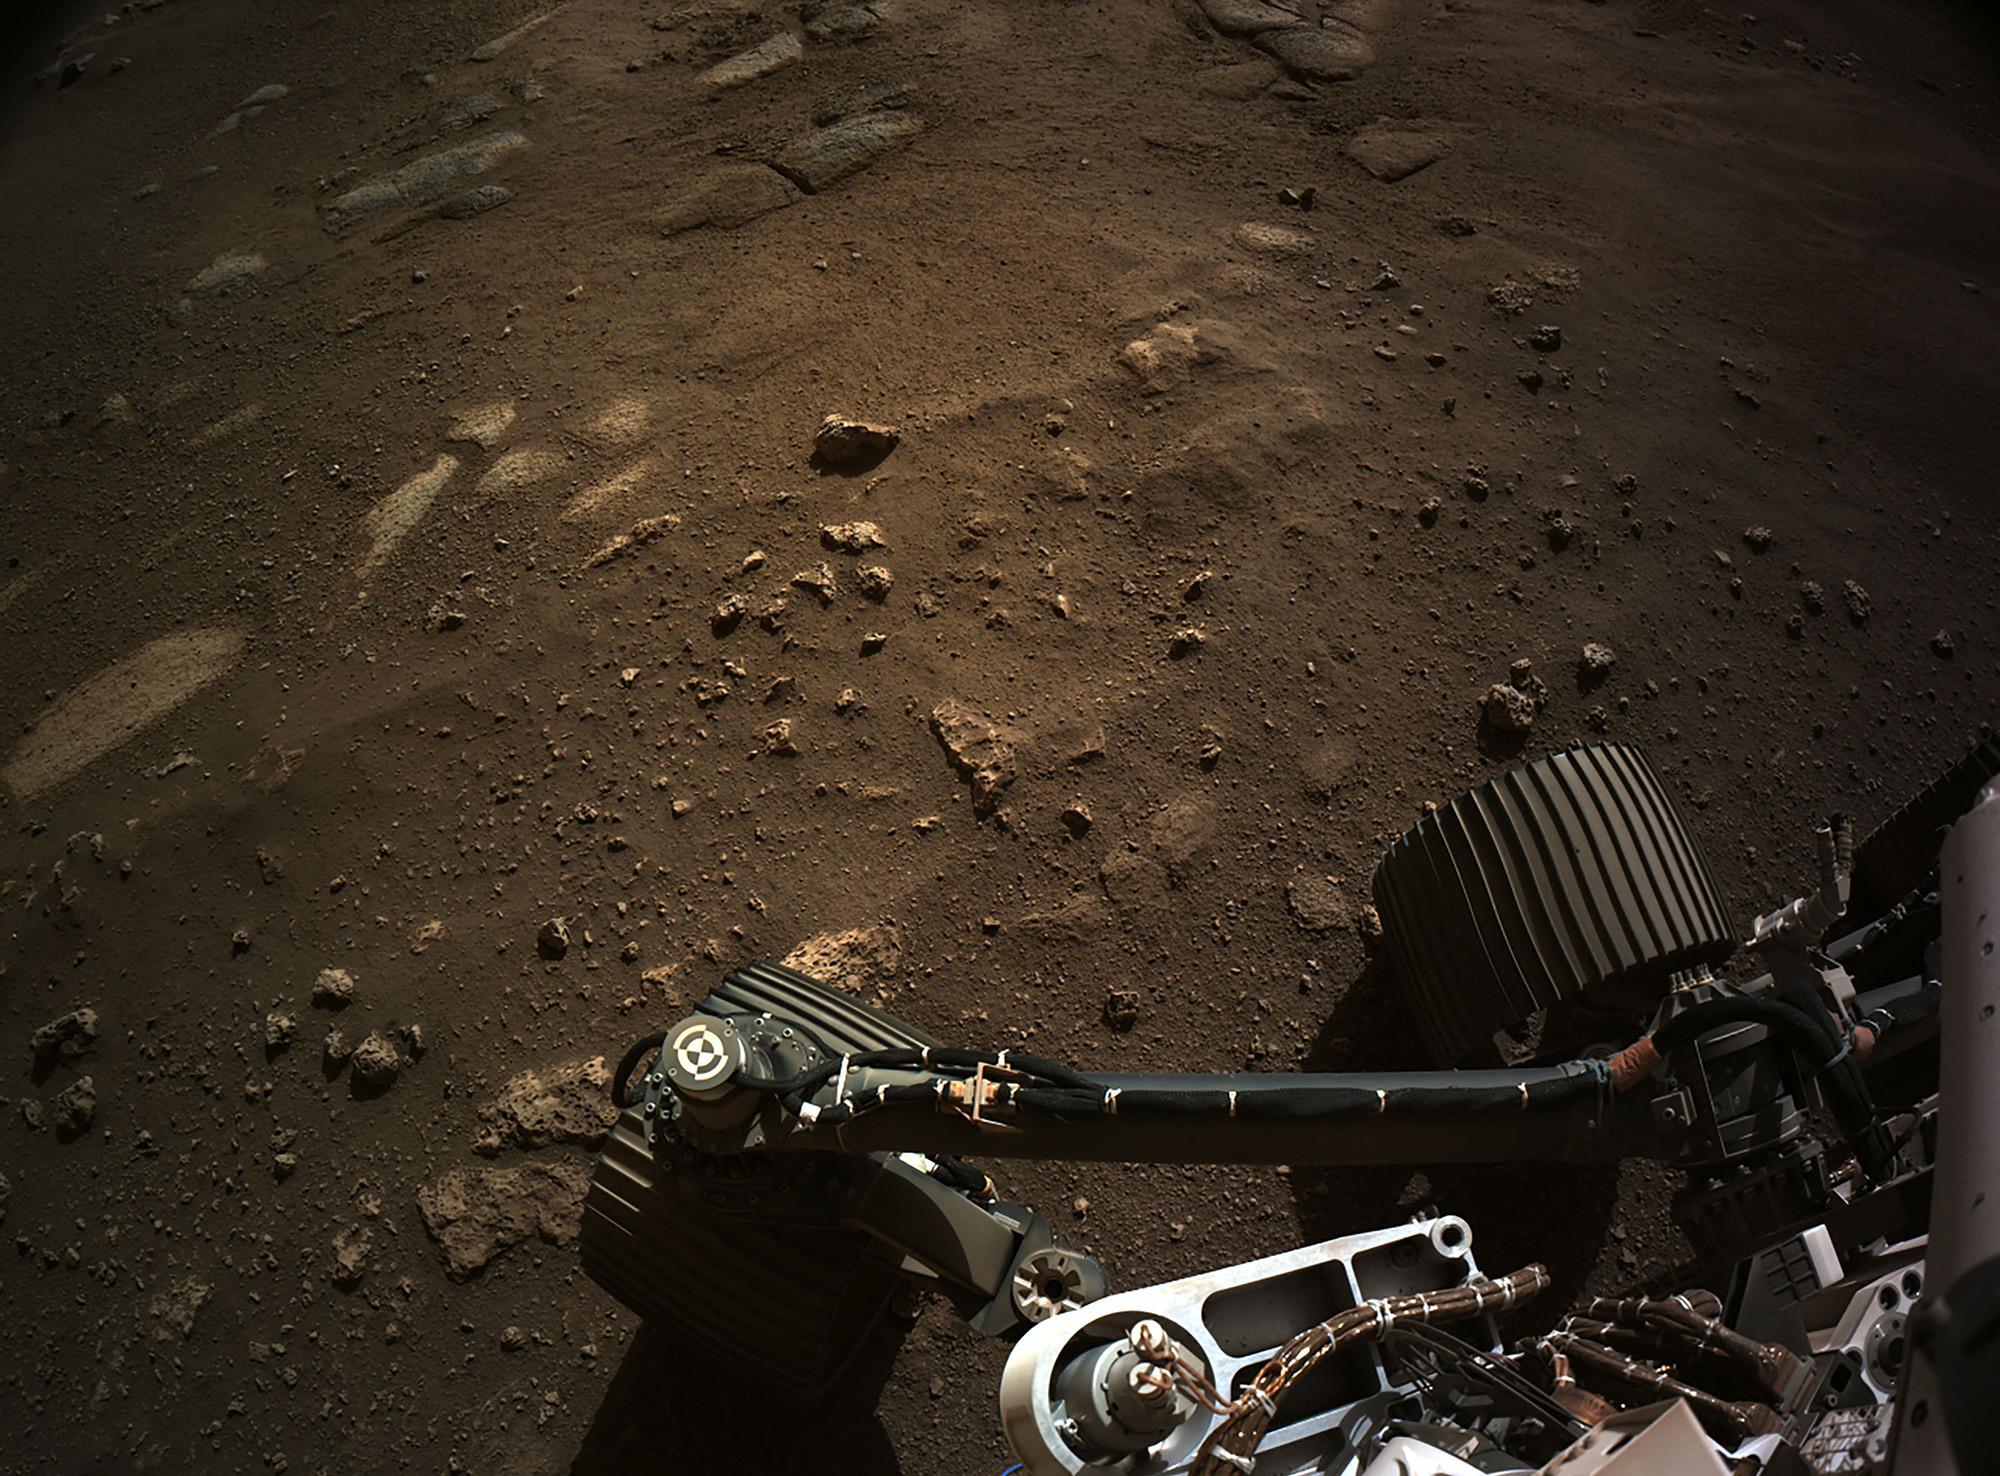 Фотография, сделанная ровером НАСА Perseverance вкратере Джезеро, 24 февраля 2021 года.